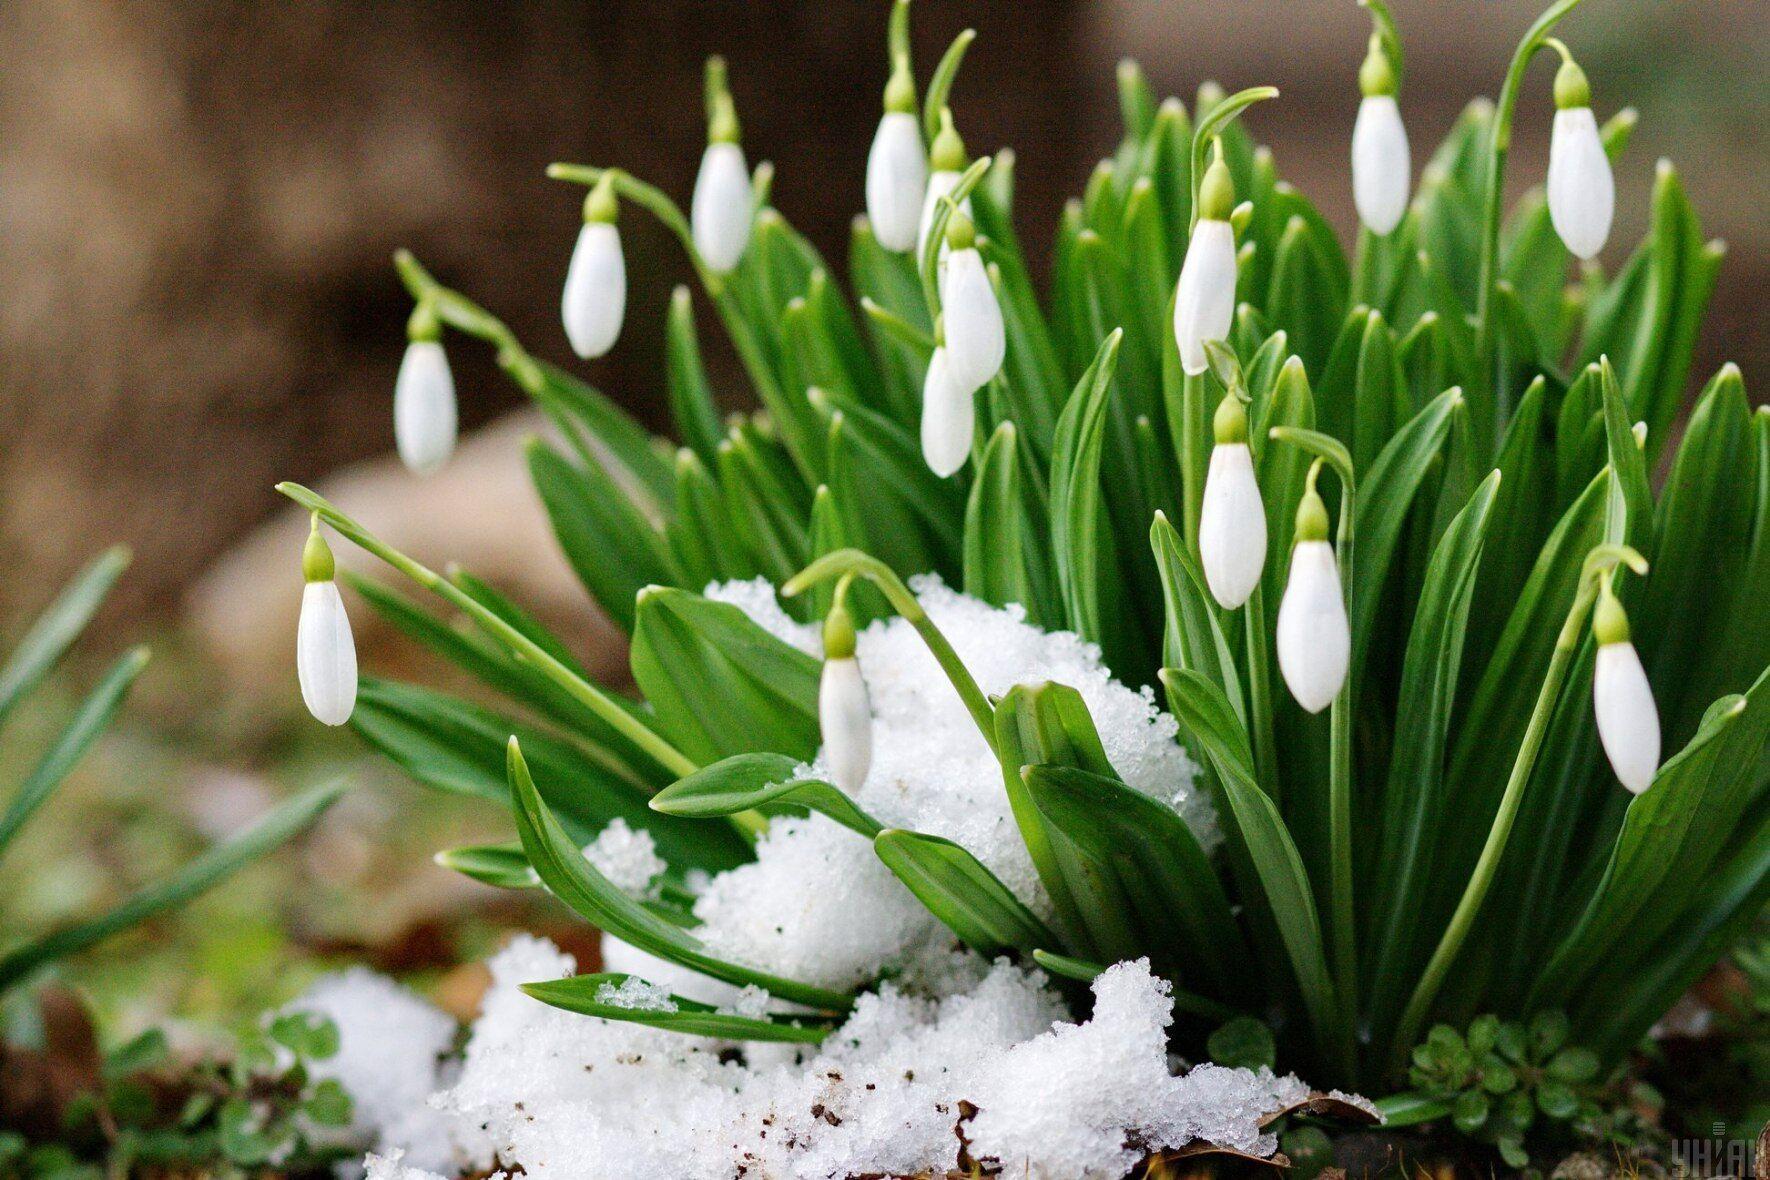 В начале апреля наступит весна настоящая.